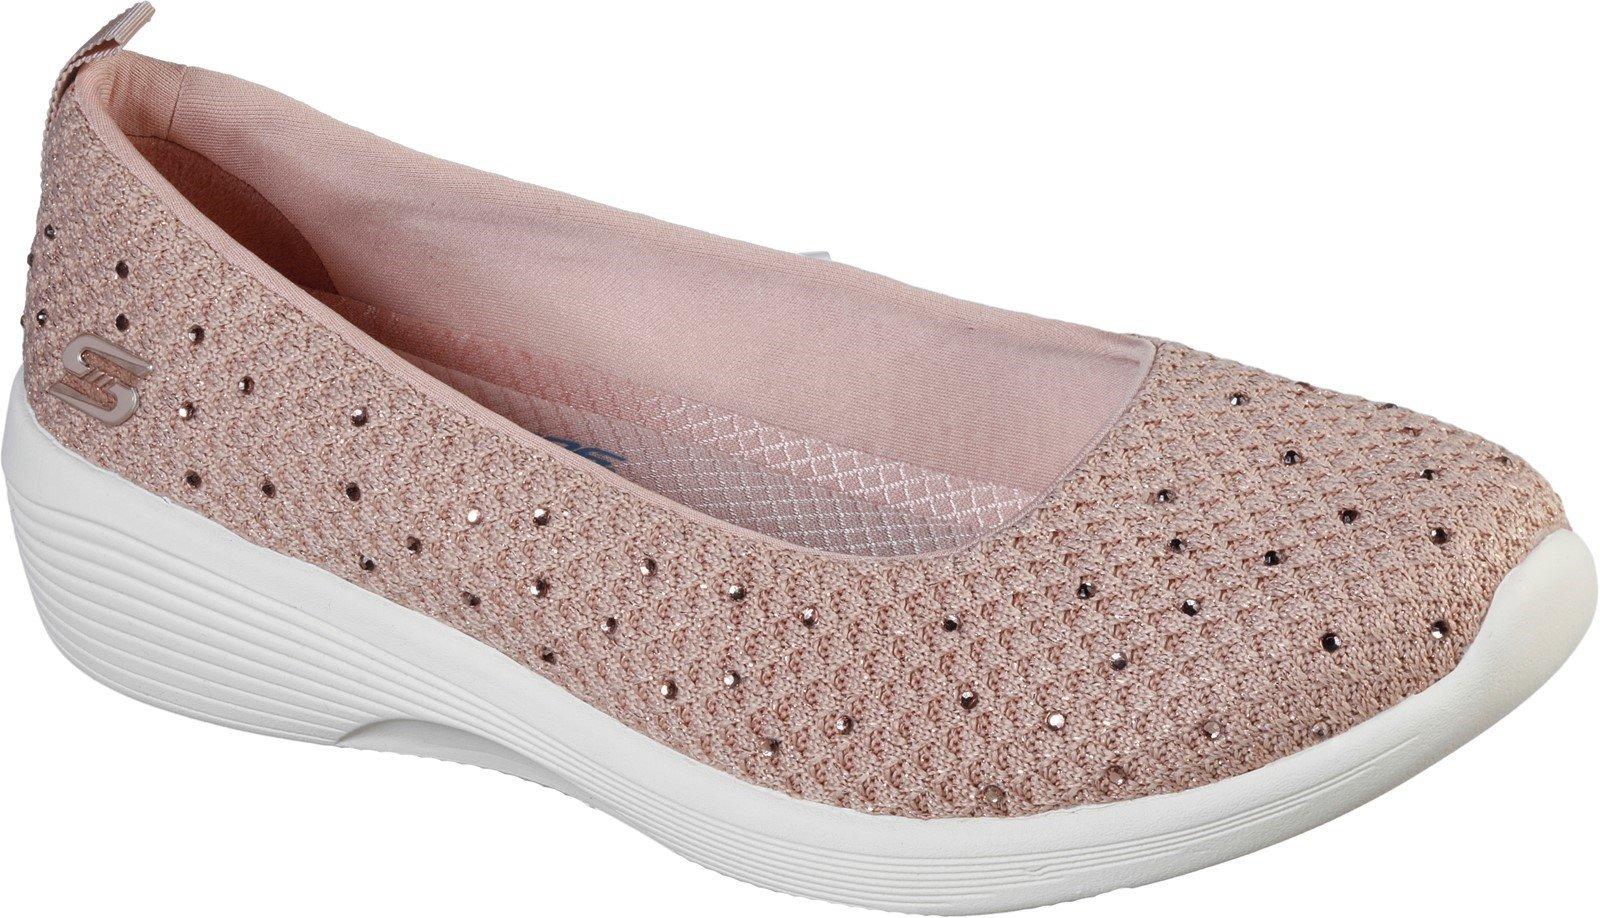 Skechers Women's Arya Sweet Glitz Sport Loafer Various Colours 32121 - Rose 3